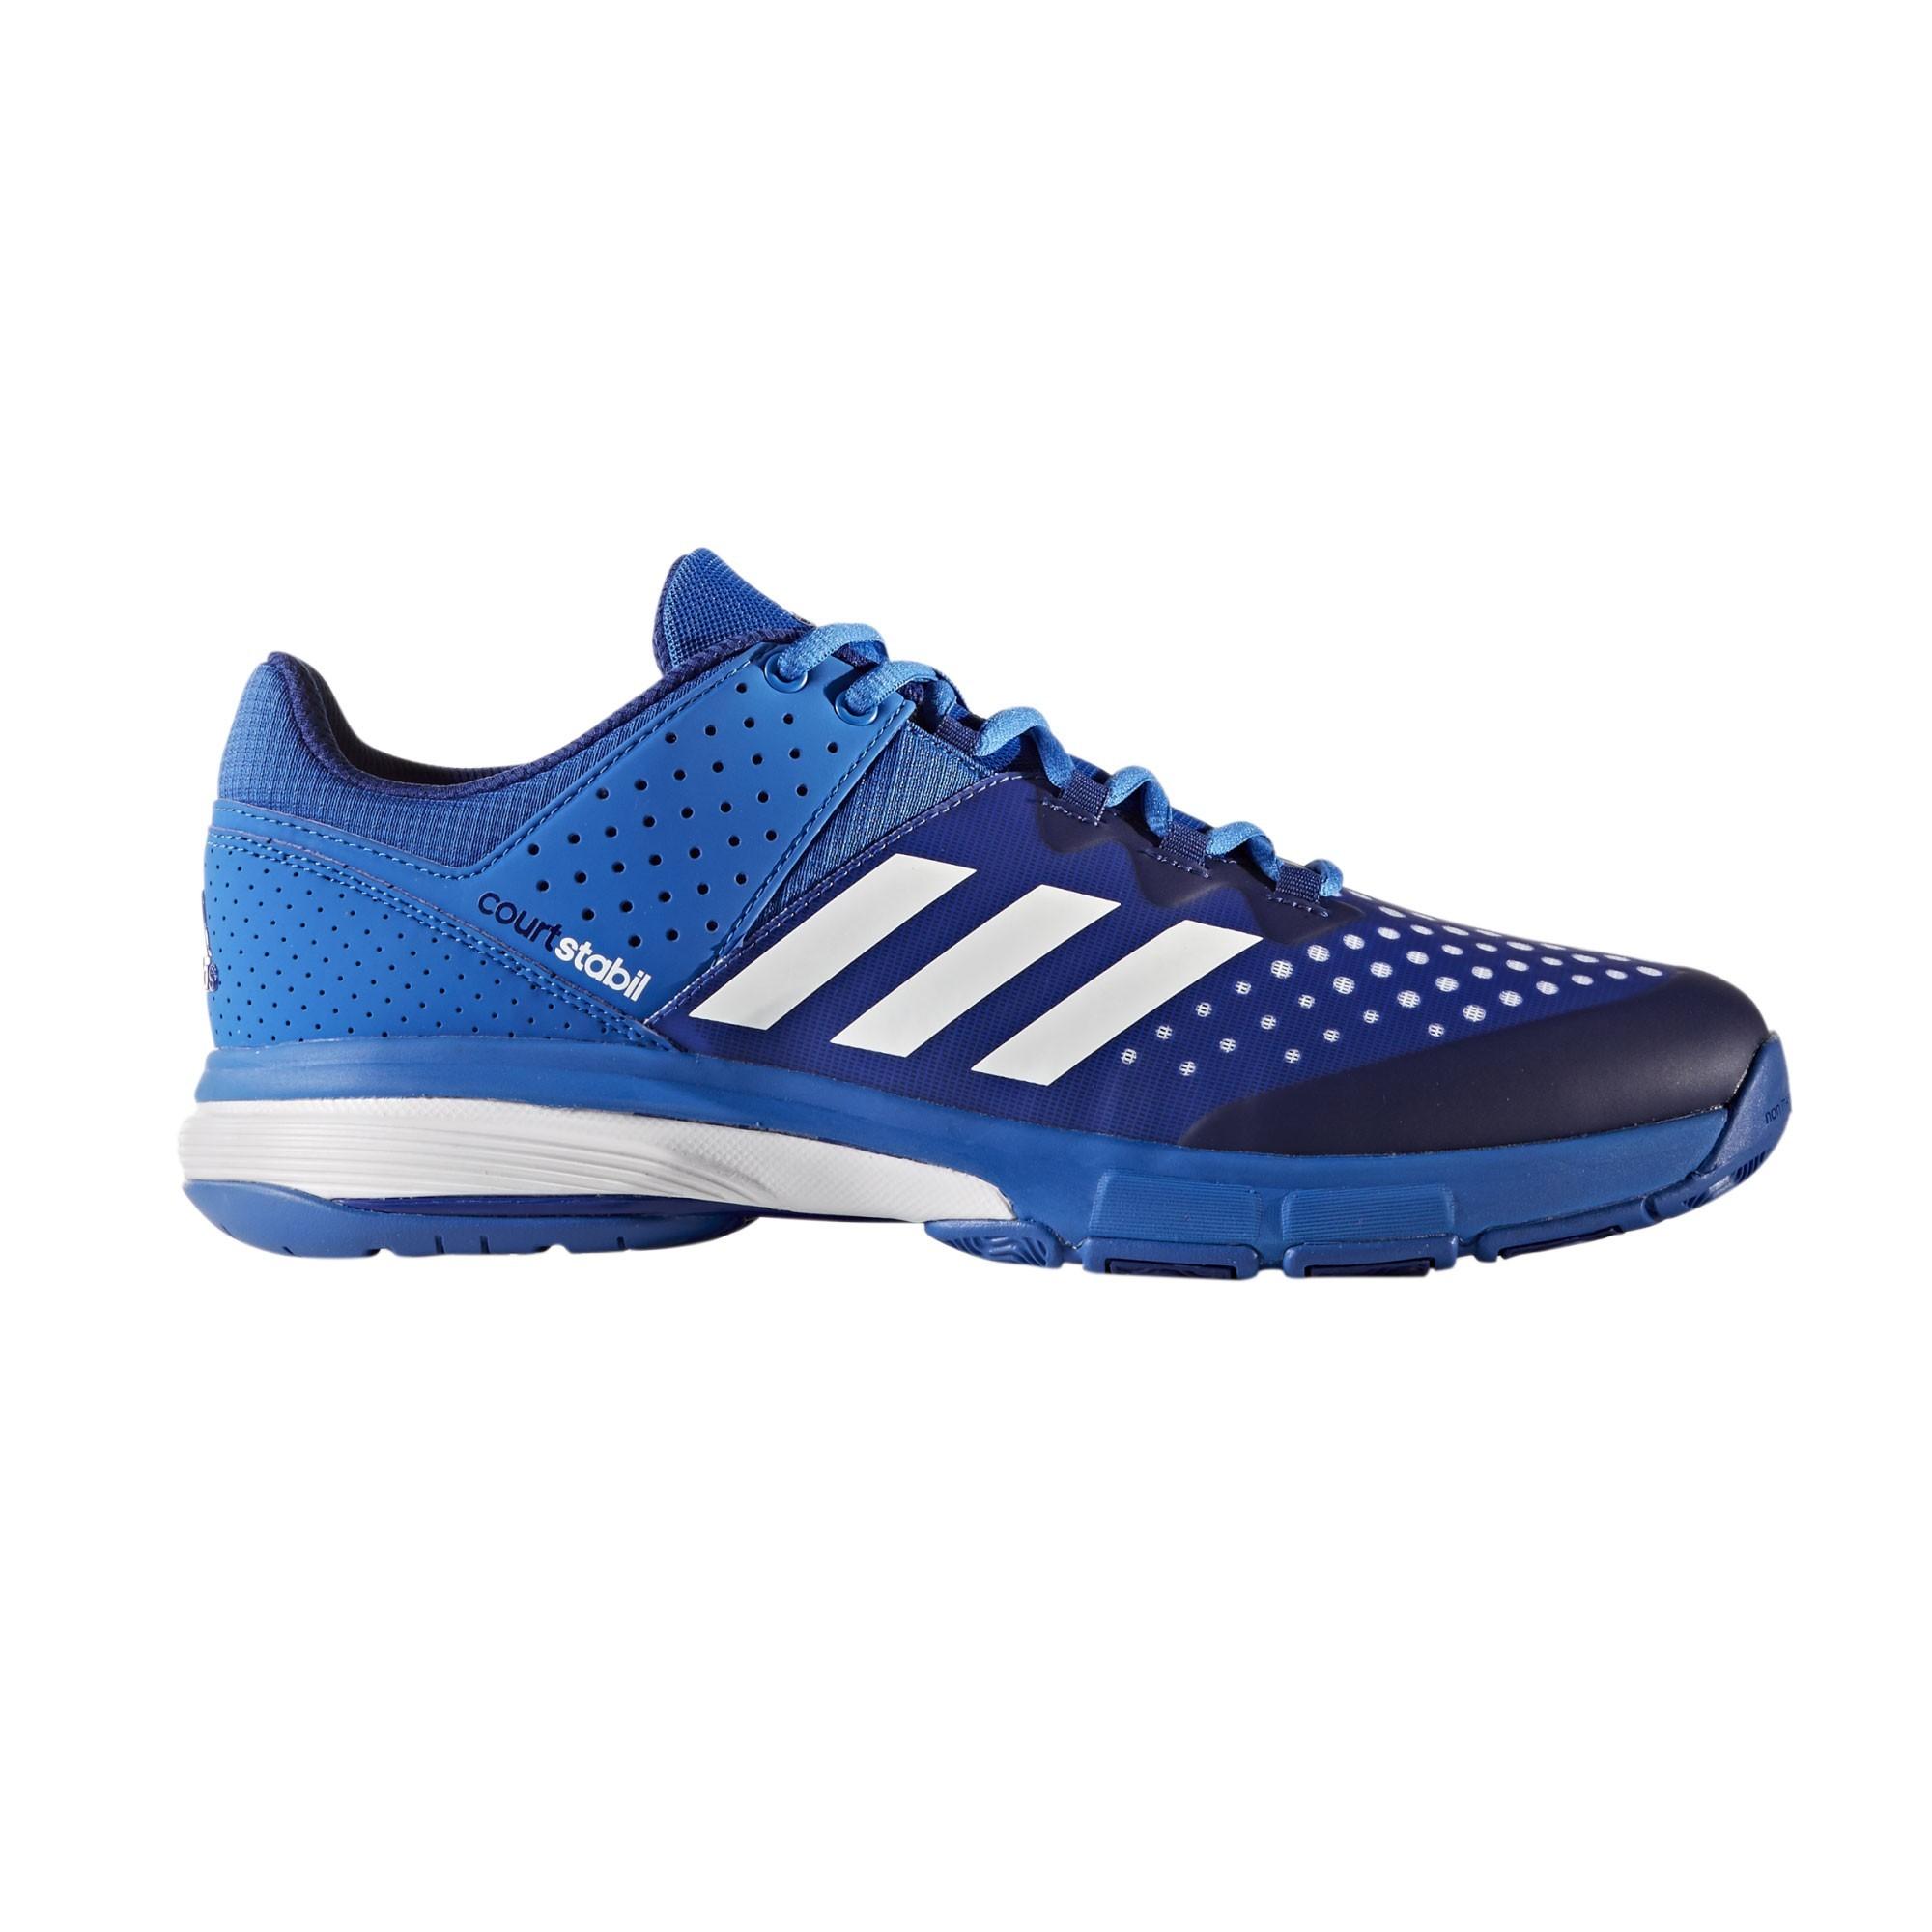 Afbeelding van Adidas Court Stabil BY2840 Indoorschoenen Heren Blue